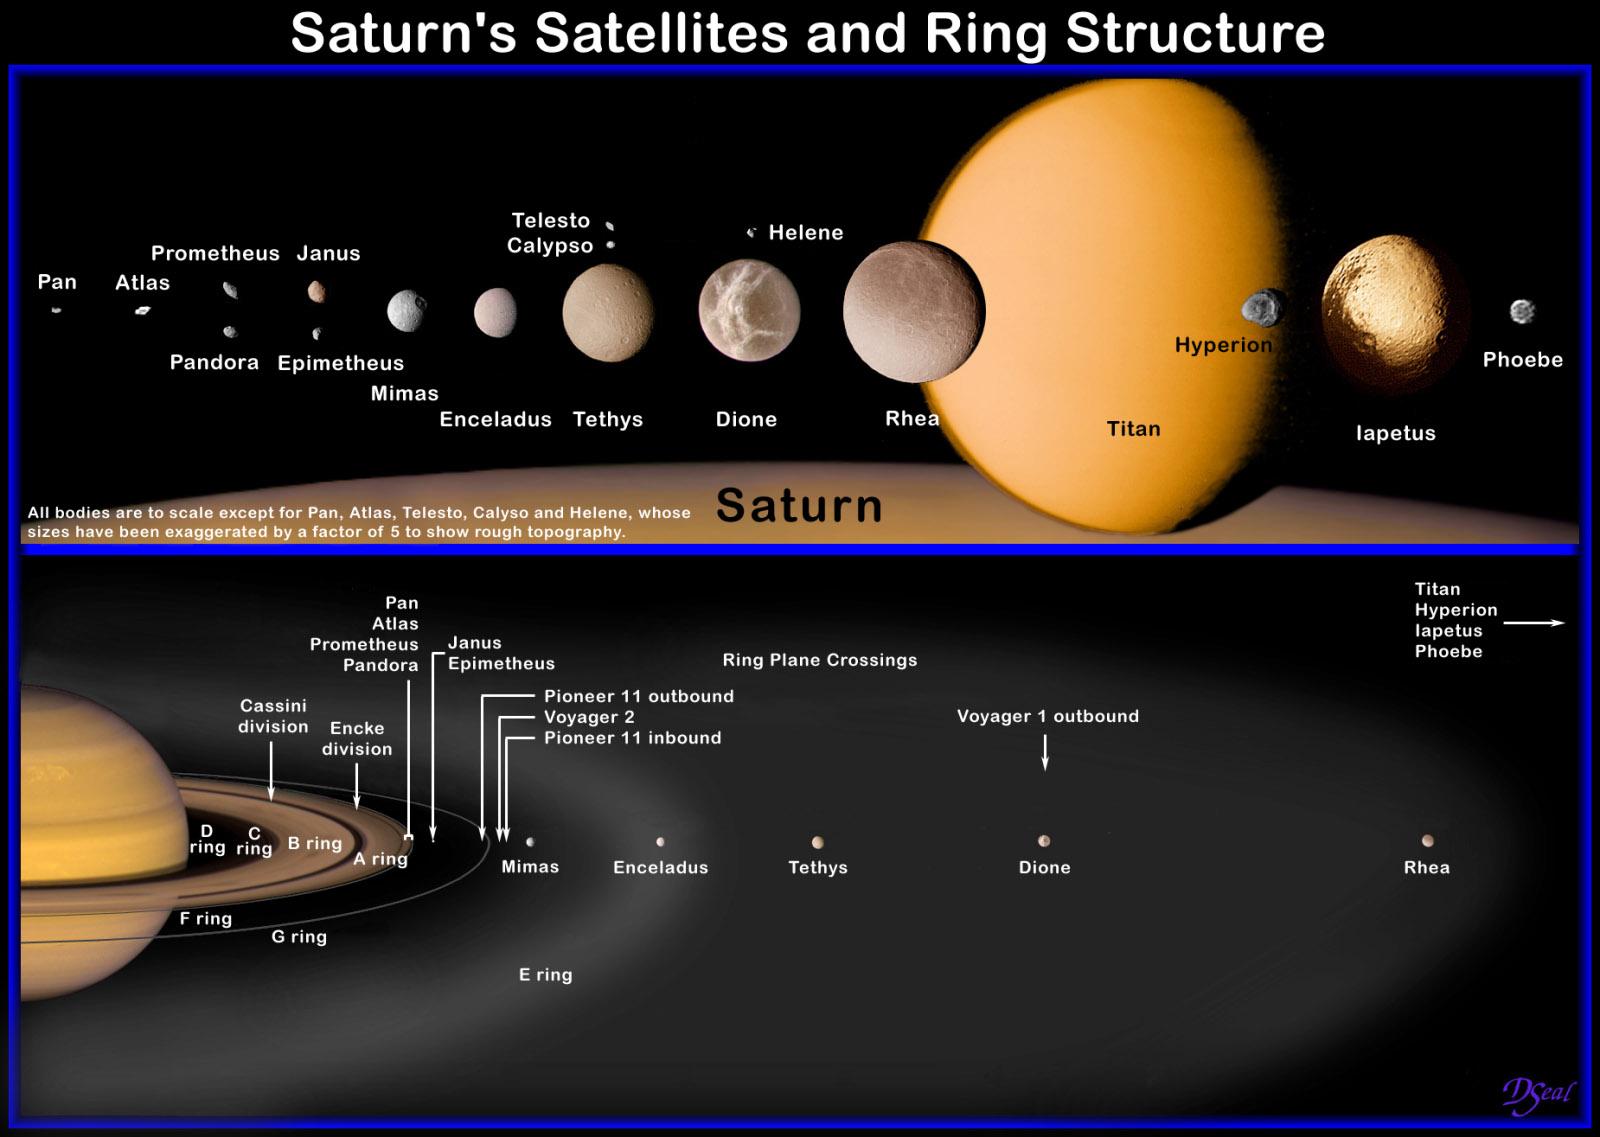 NahoĹ™e srovnánĂ velikosti hlavnĂch SaturnovĂ˝ch mÄ›sĂcĹŻ seĹ™azenĂ˝ch dle jejich vzdálenosti od Saturnu. RelativnĂ velikosti jsou skuteÄŤnĂ© aĹľ na malĂ© mÄ›sĂce Pan, Atlas, Calypso, Telesto a Helene, kterĂ© byly pÄ›tinásobnÄ› zvÄ›tšeny kvĹ